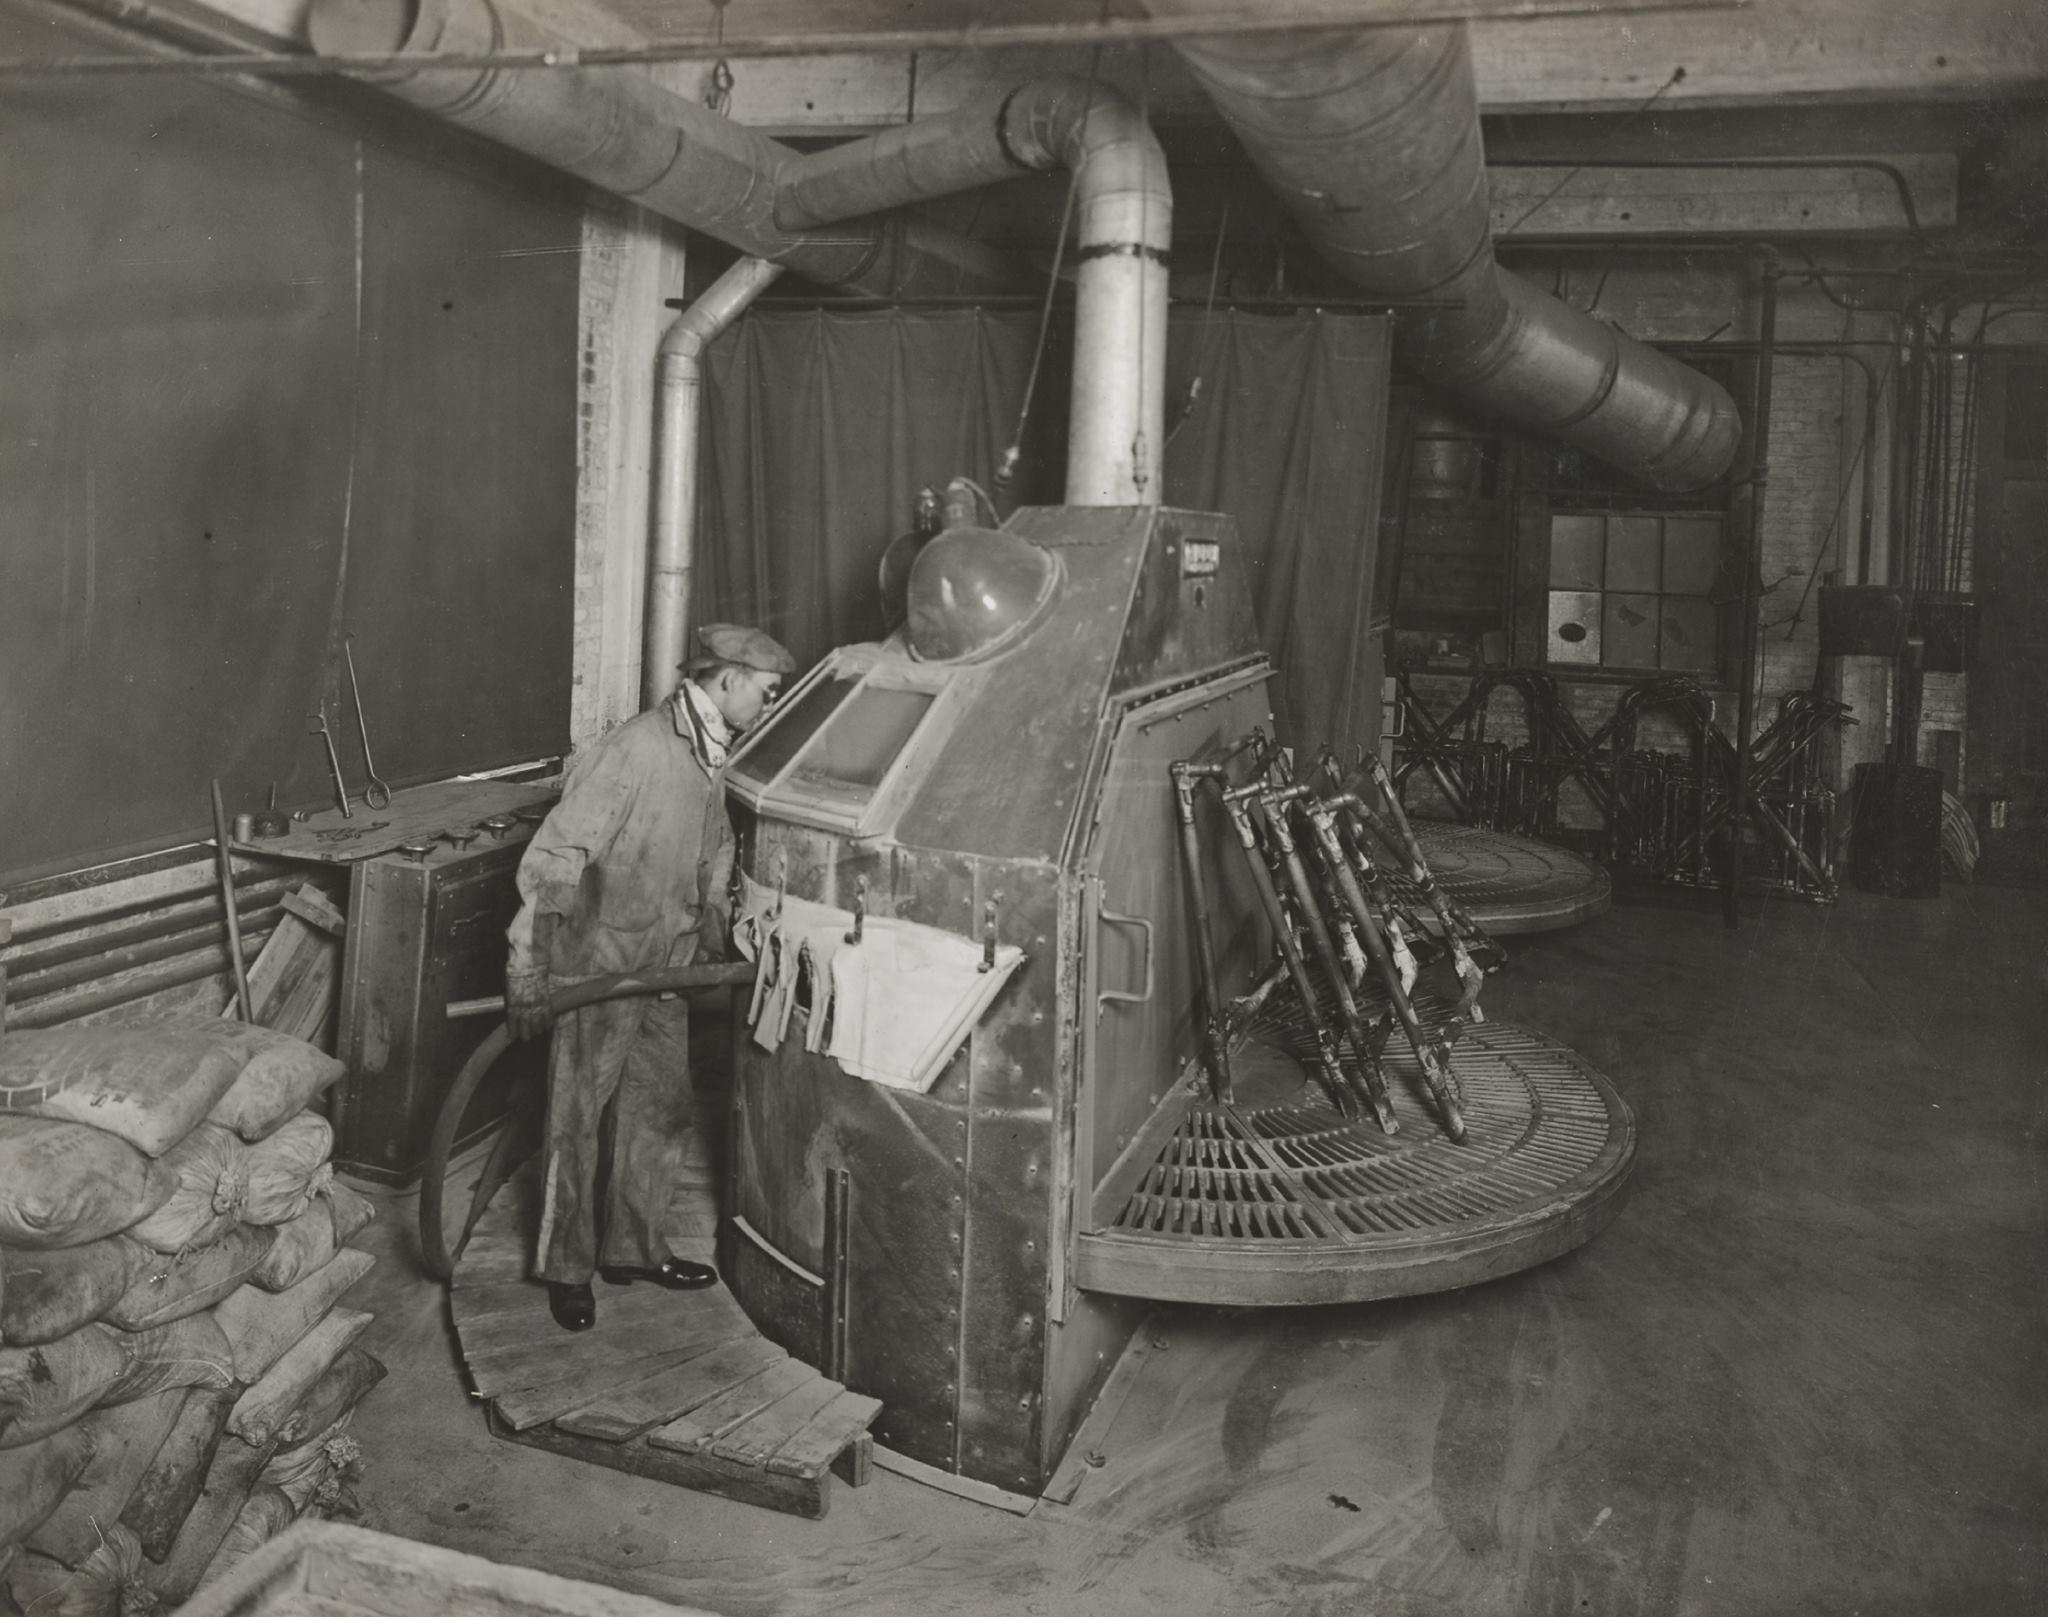 La fabrica harley clasica - Chorreado de arena ...